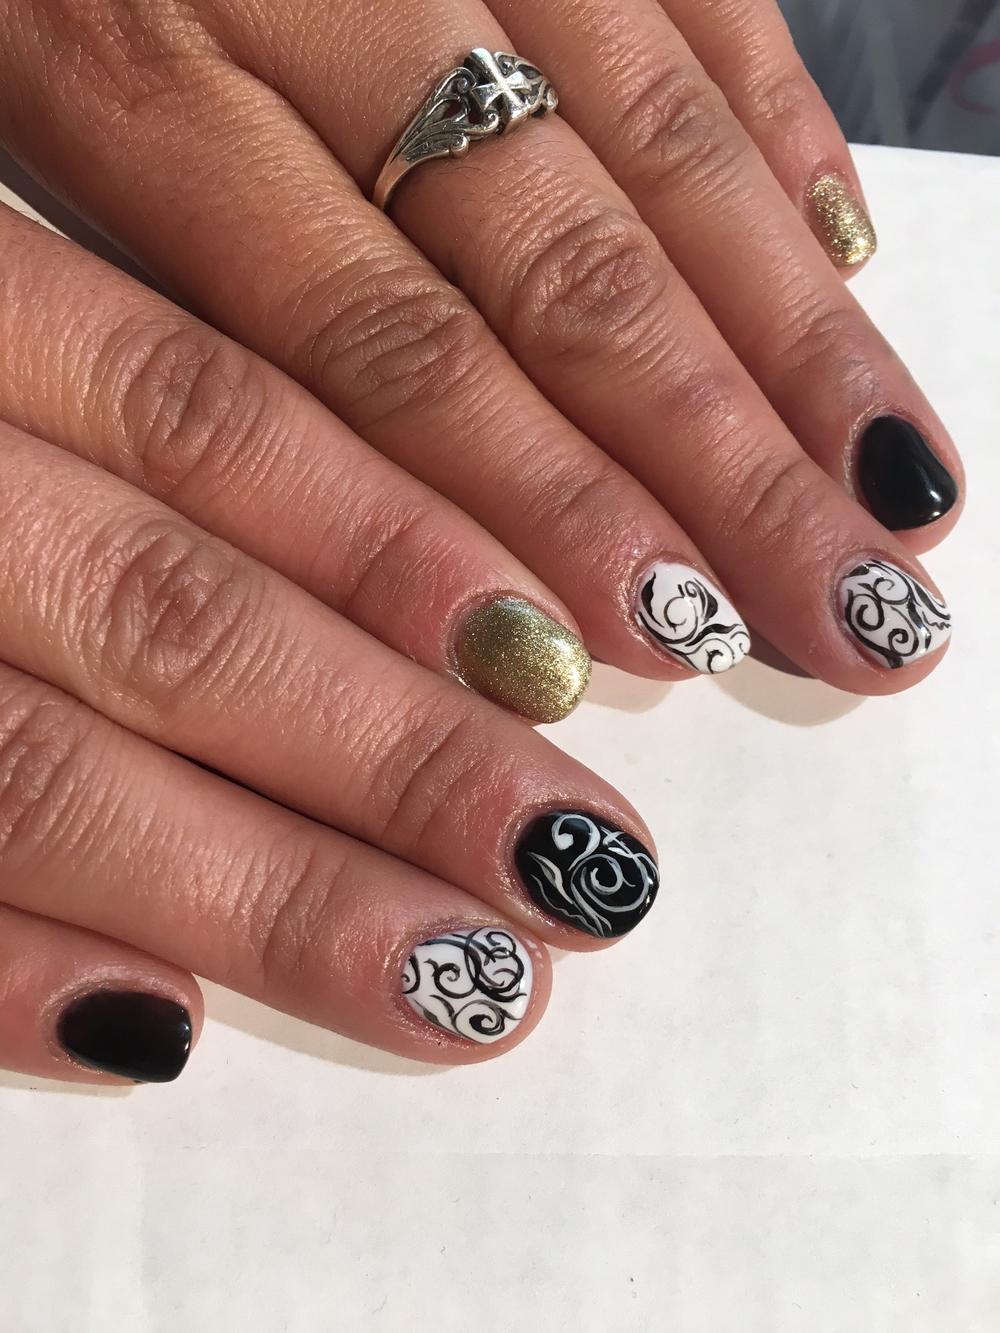 <p>Roxy Carrillo's nails by Sam Biddle</p>